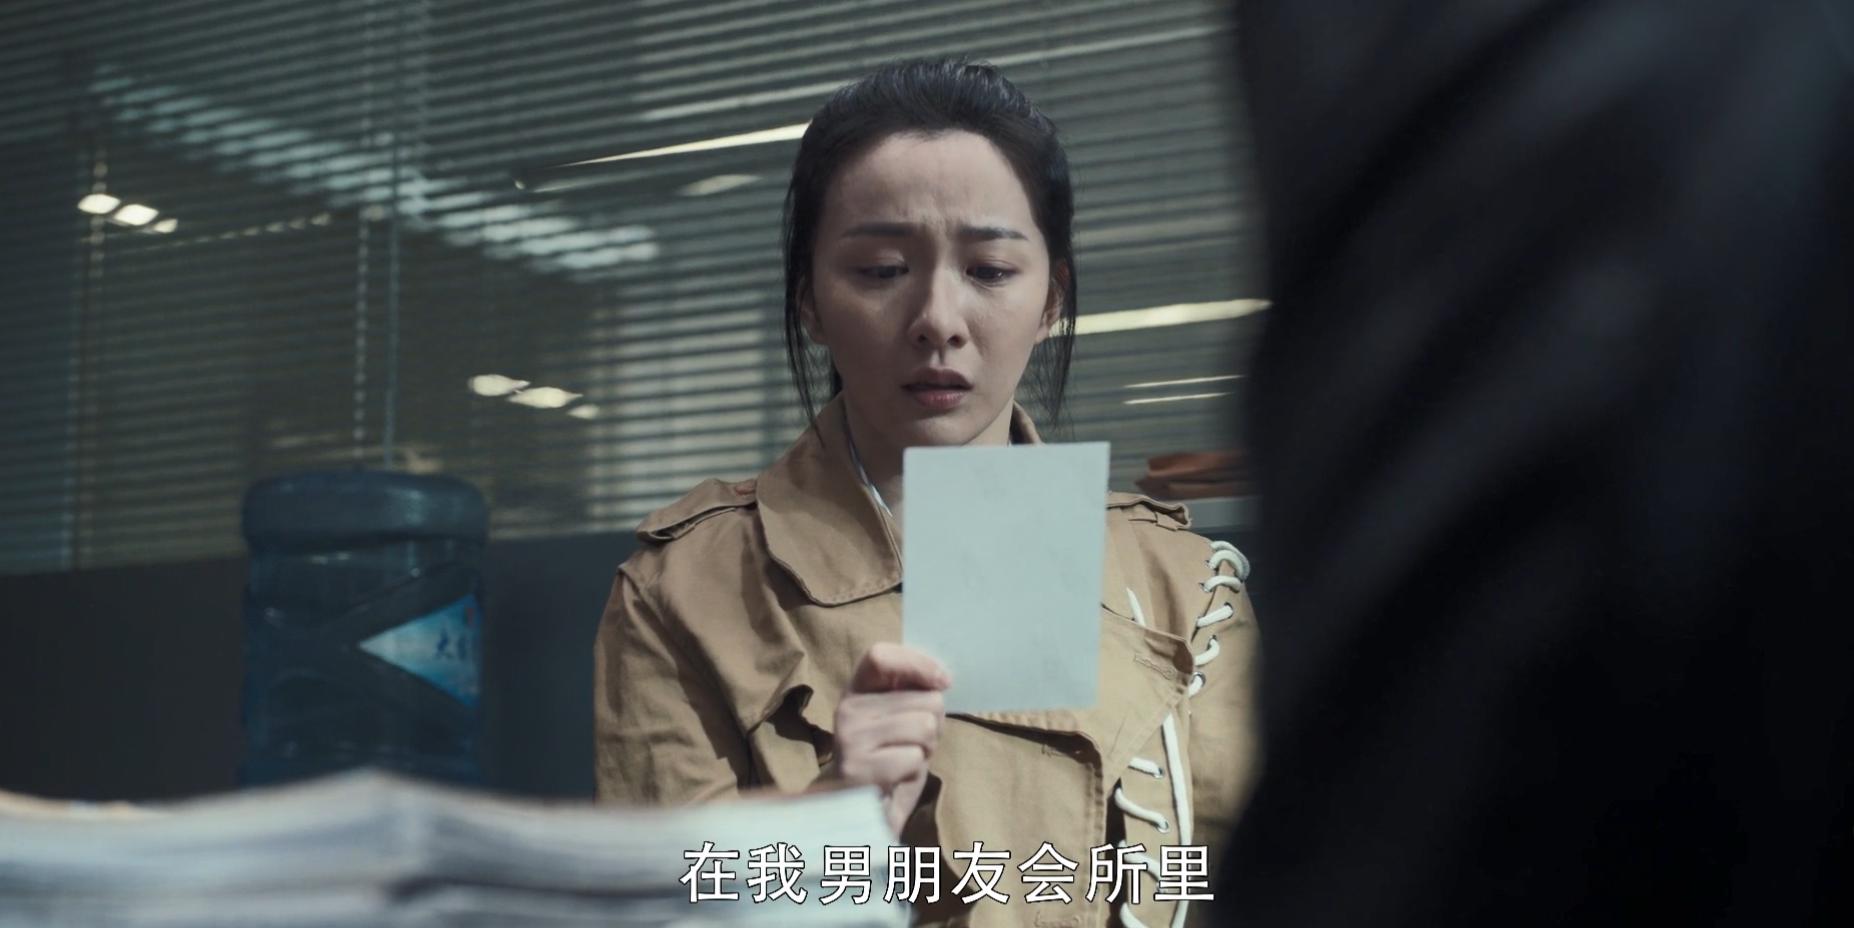 扫黑风暴:麦萌萌送人为何会被蒙上红布,第二天为何又匆忙离开?